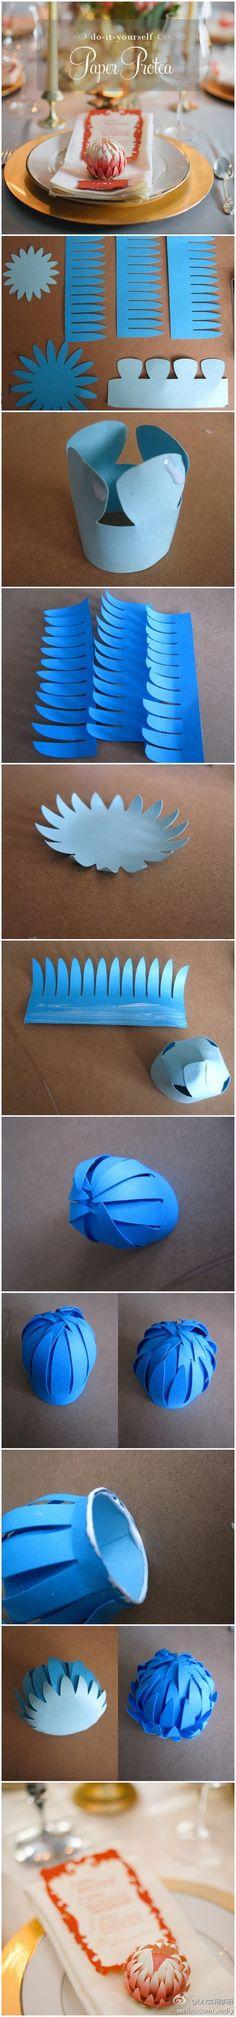 DIY Paper Protea